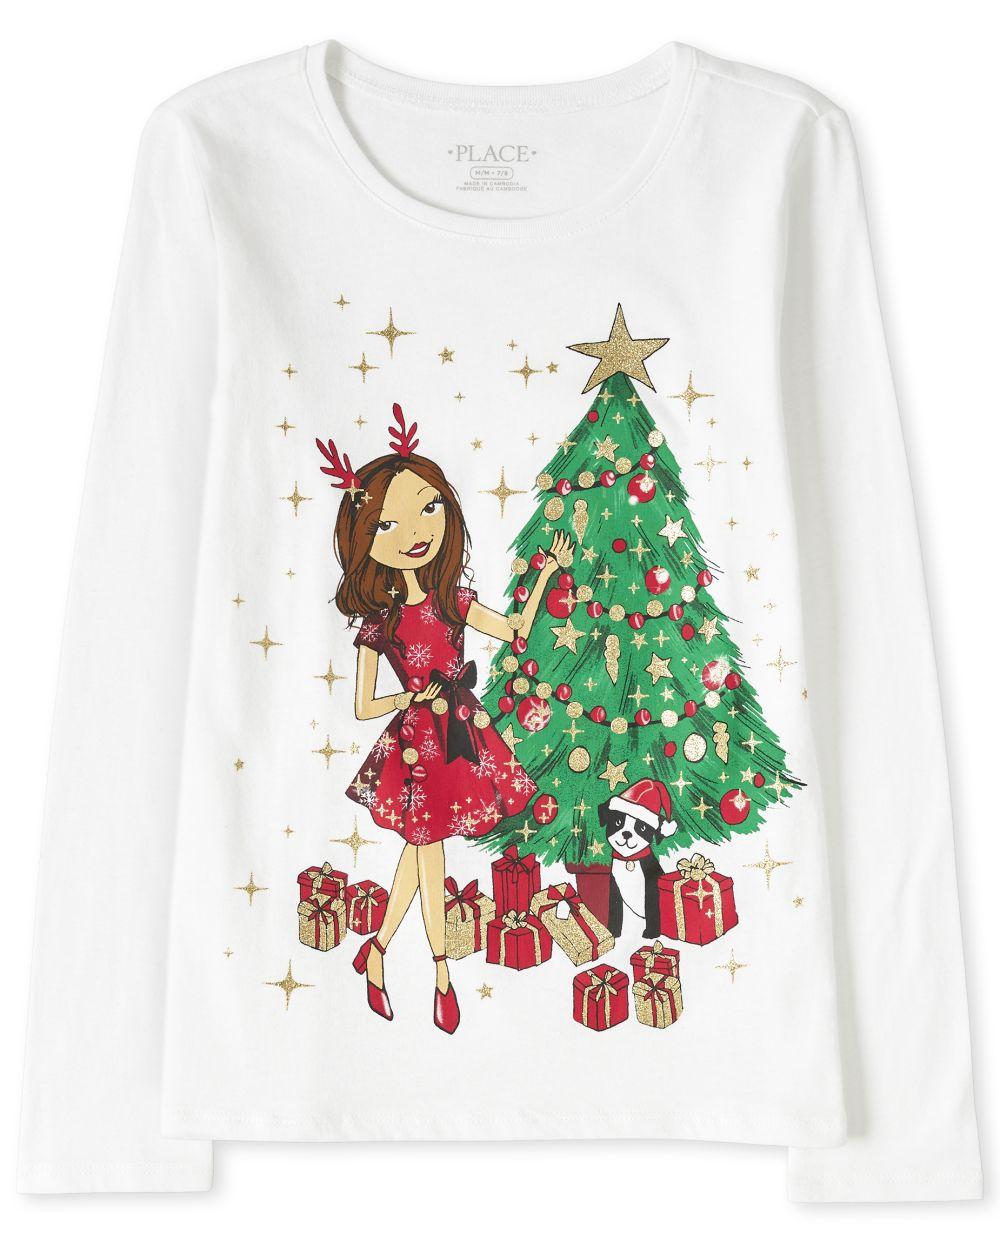 Girls Christmas Glitter Girl Graphic Tee